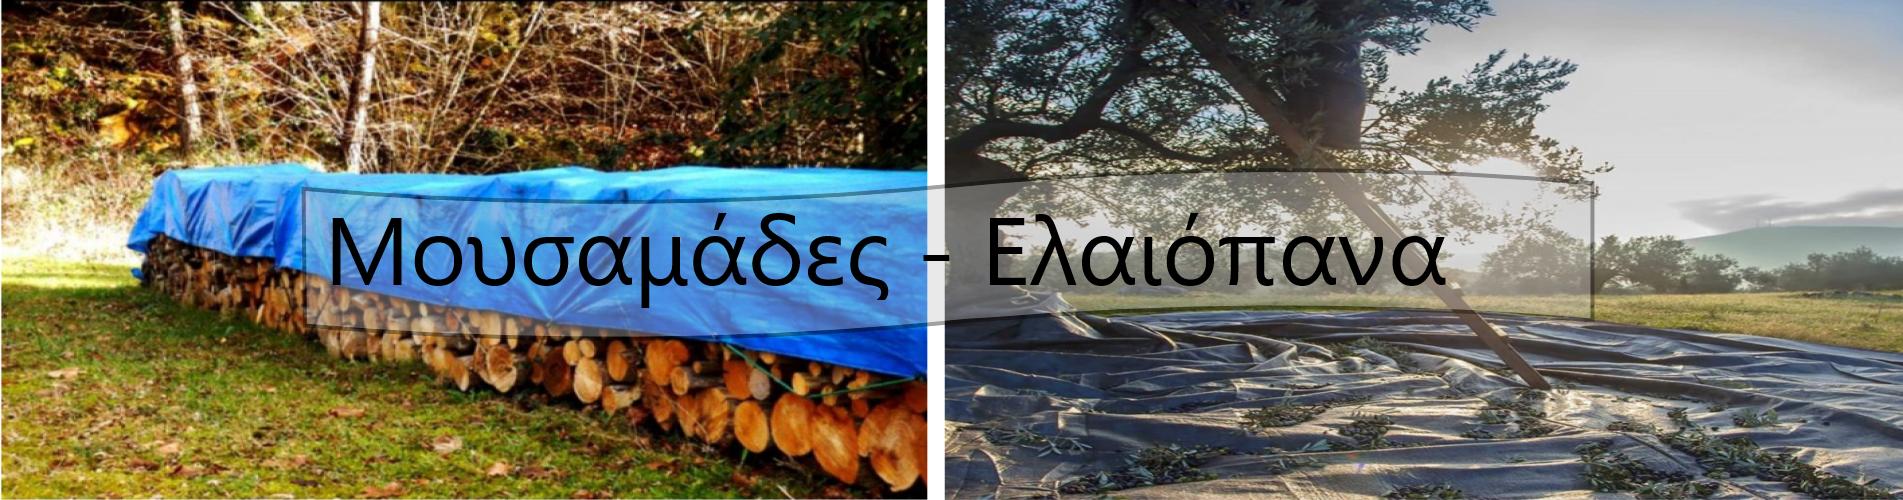 ΜΟΥΣΑΜΑΔΕΣ - ΕΛΑΙΟΠΑΝΑ